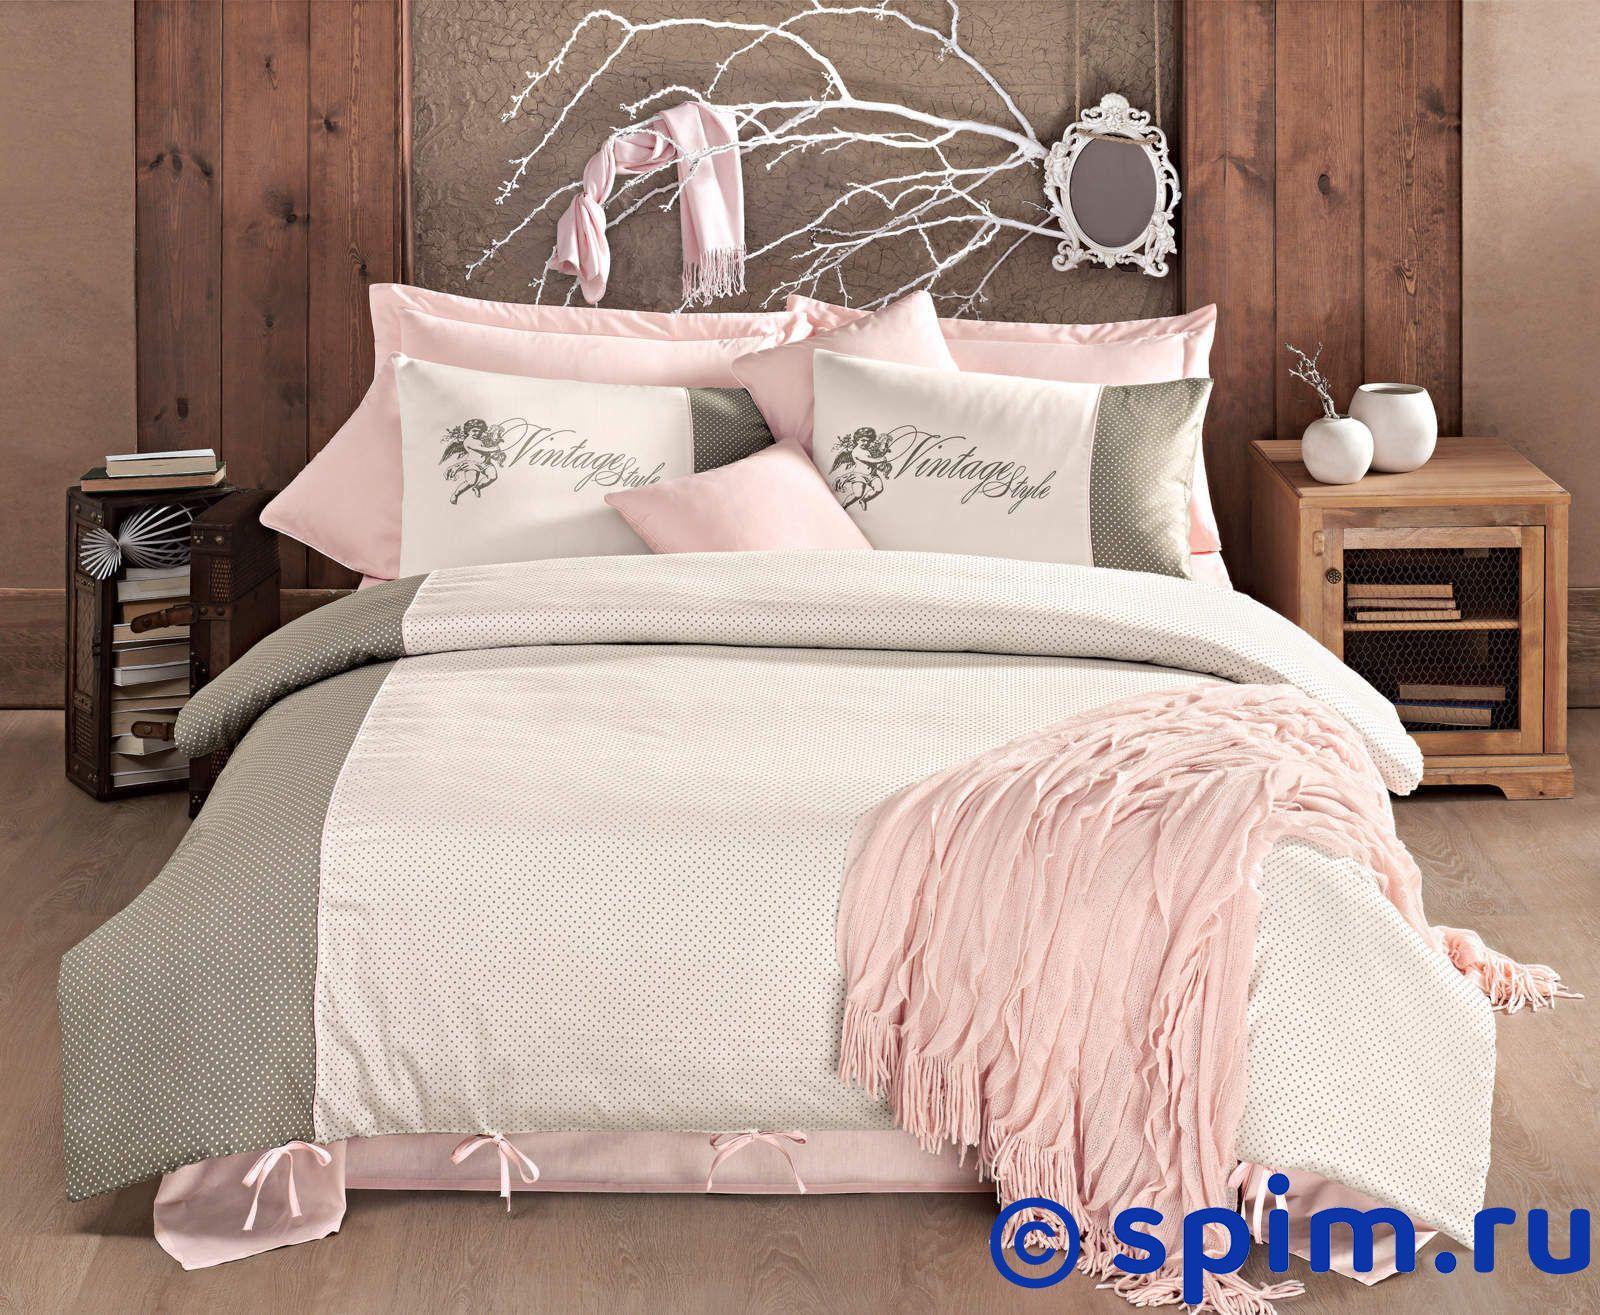 Постельное белье Issimo Nelson Евро-стандарт постельное белье issimo home комплект постельного белья rosy сатин 200тс 100